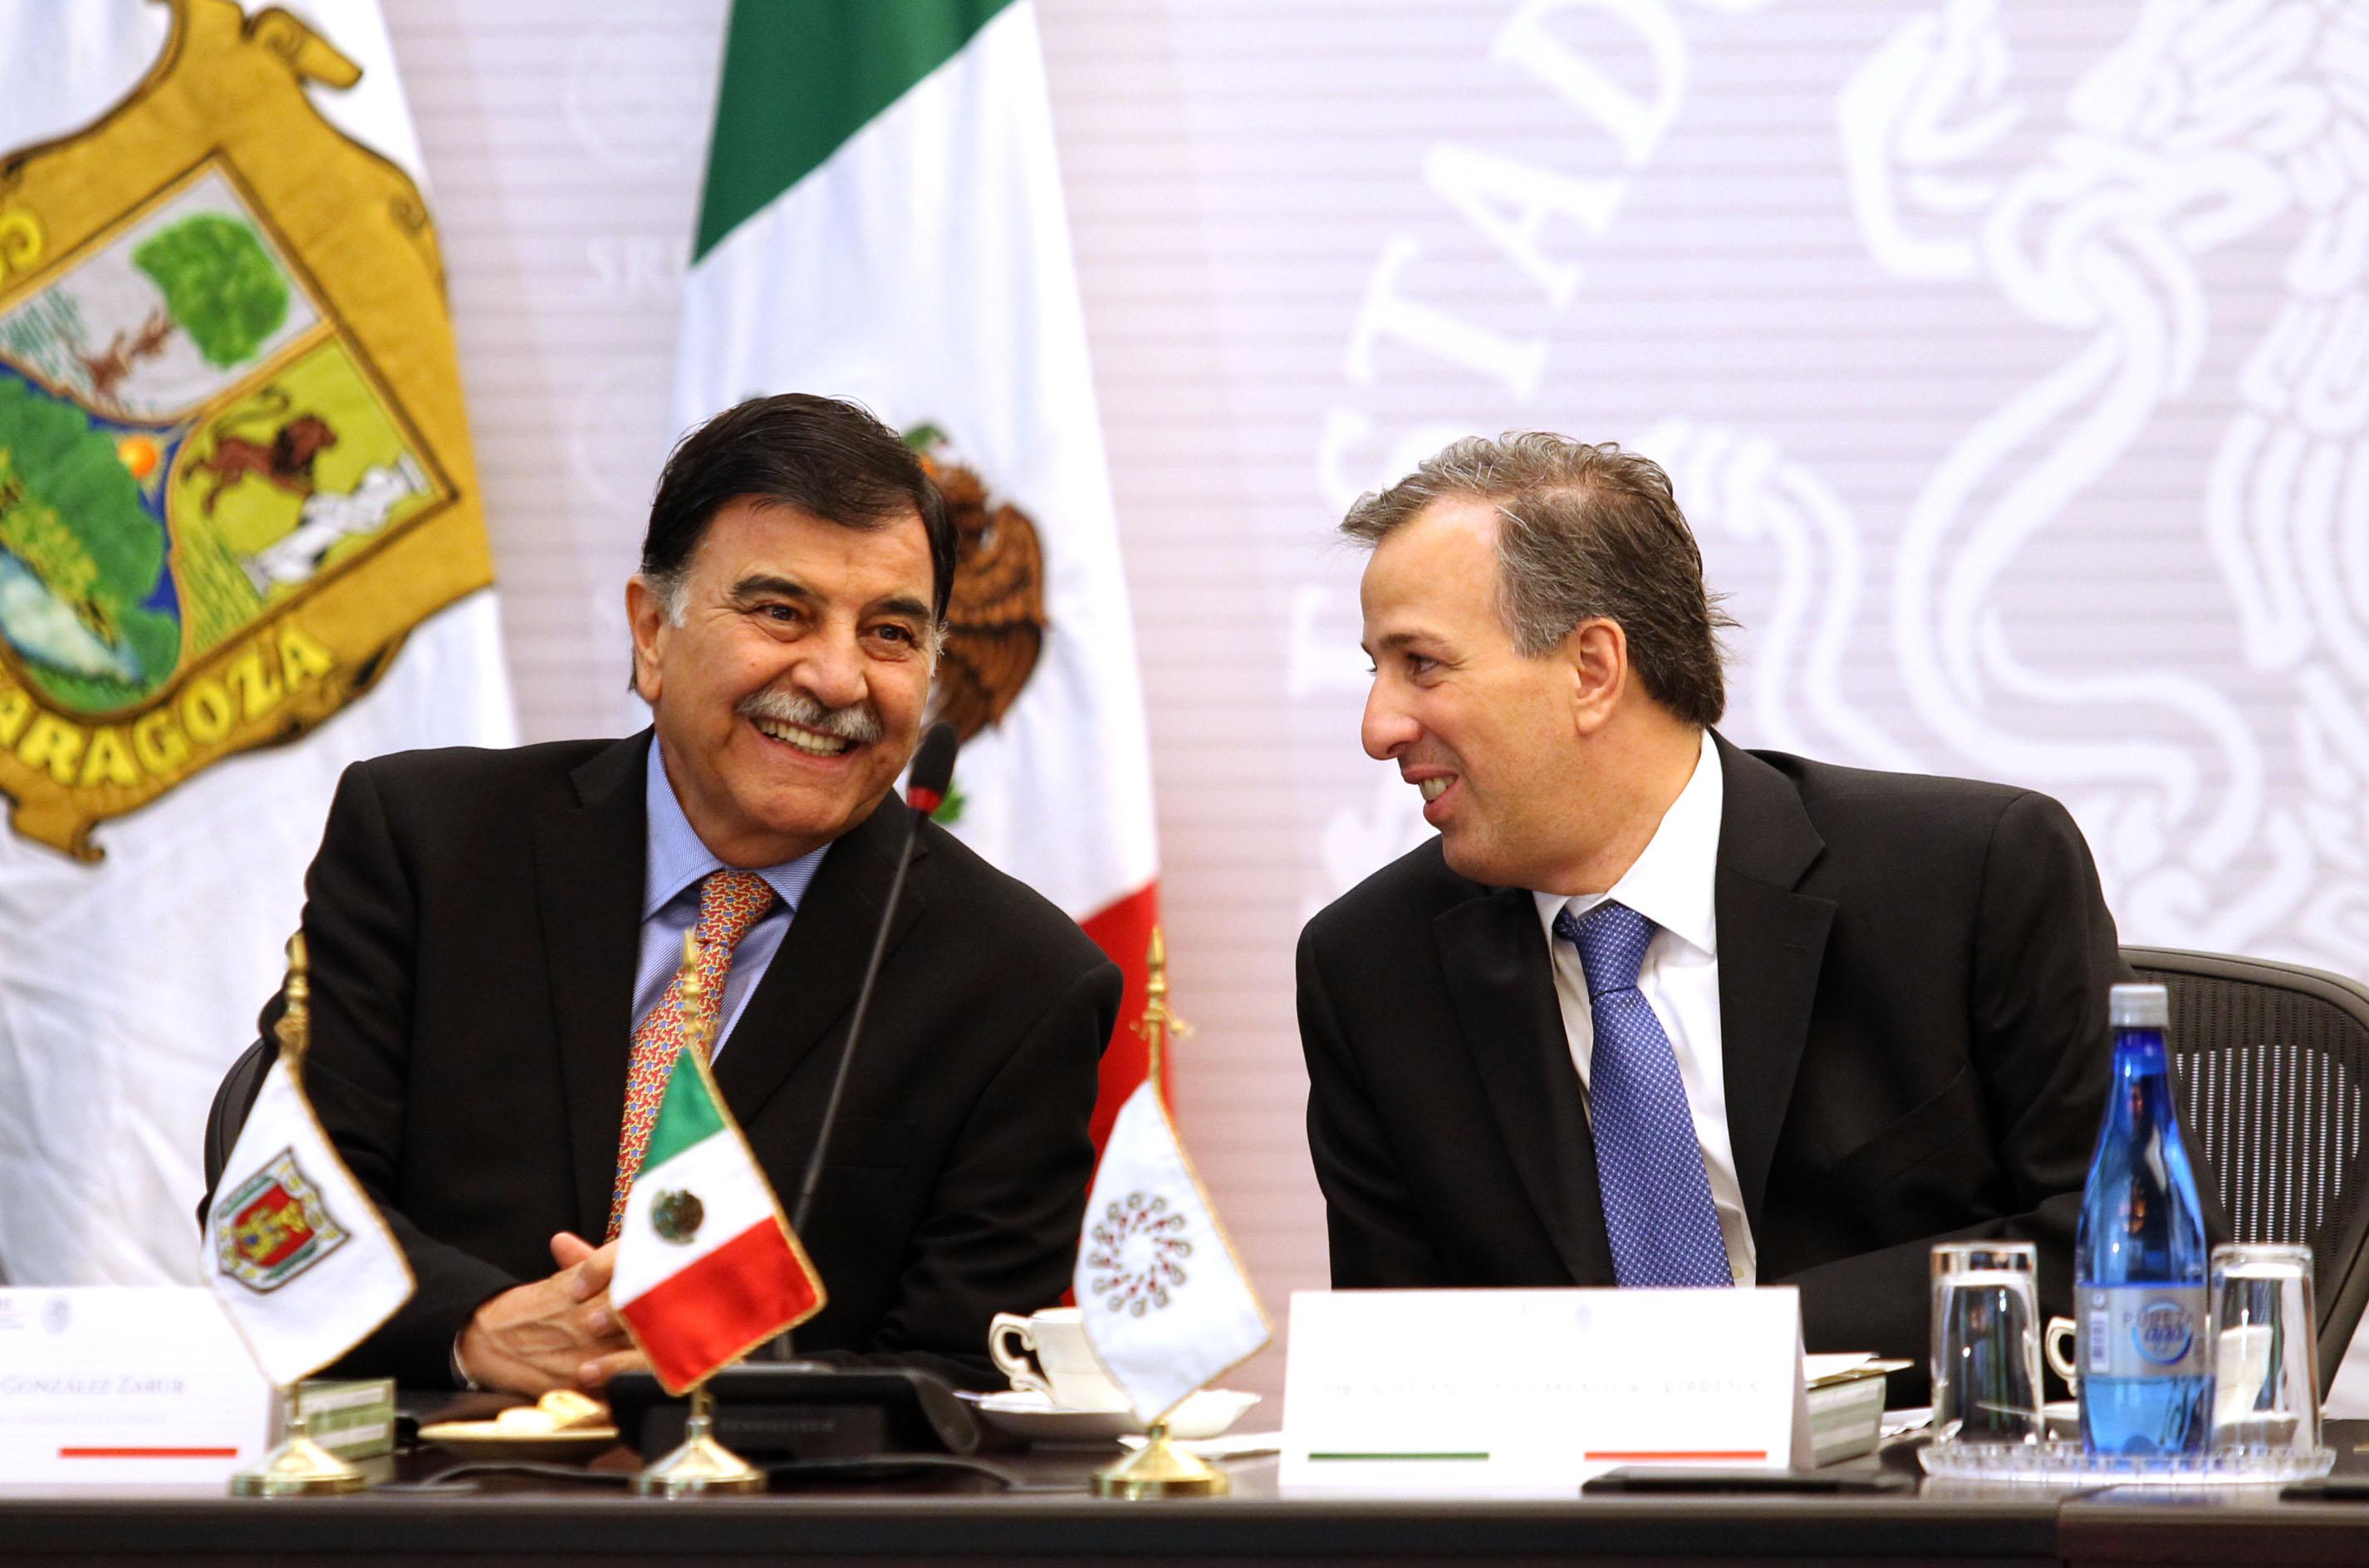 FOTO 1 El canciller Jos  Antonio Meade con Mariano Gonz lez Zarur  gobernador de Tlaxcala  en la reuni n de la CONAGOjpg